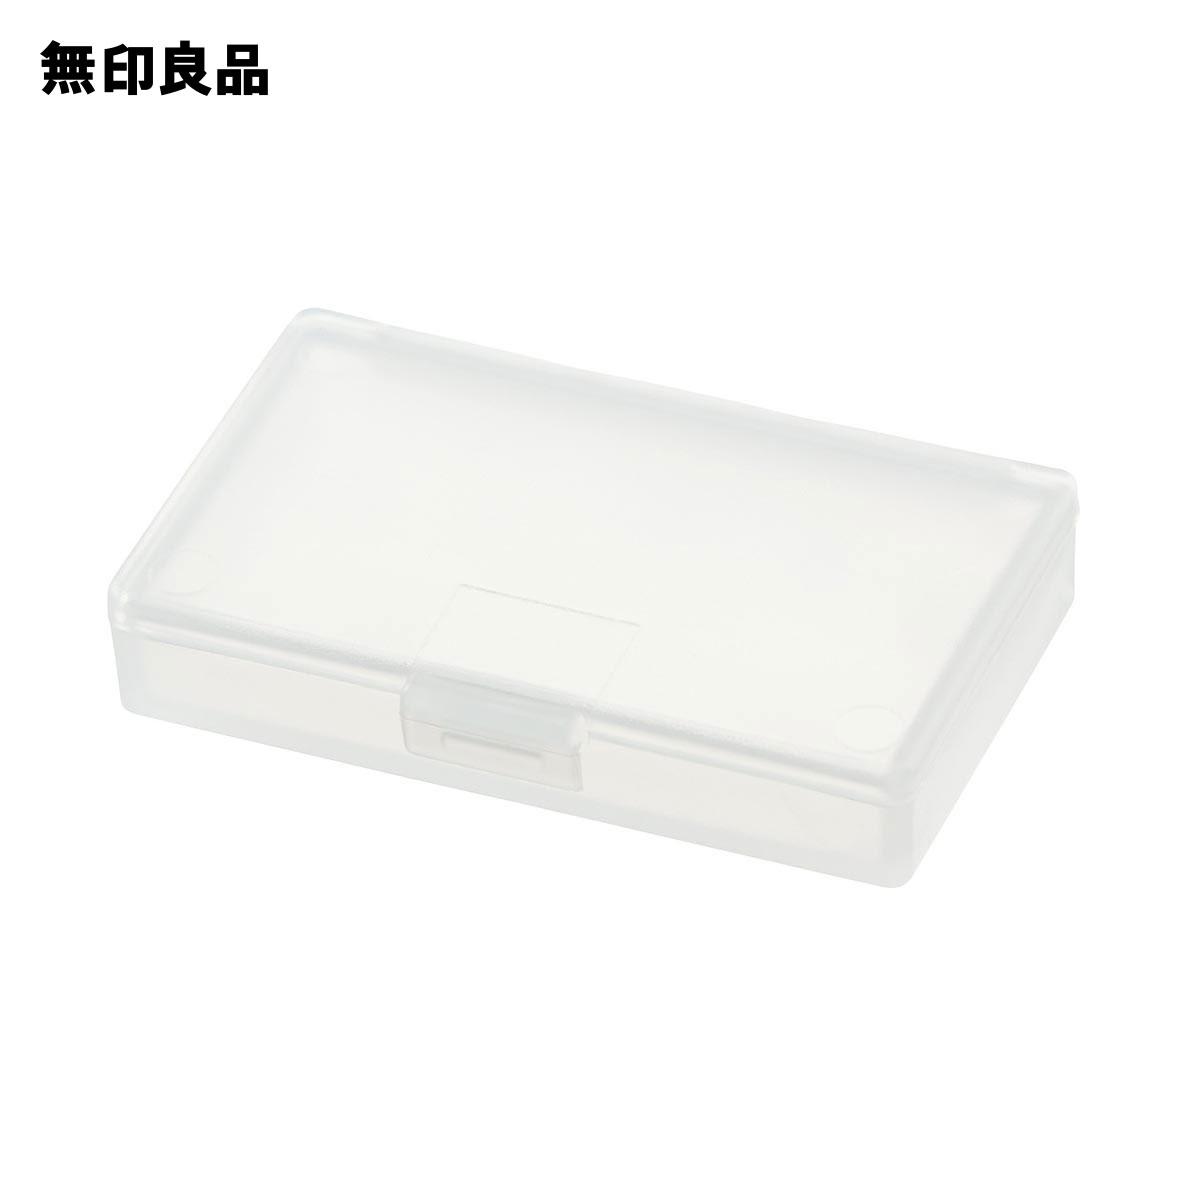 【無印良品 公式】ポリプロピレン小物ケース・SS37×63×12mm